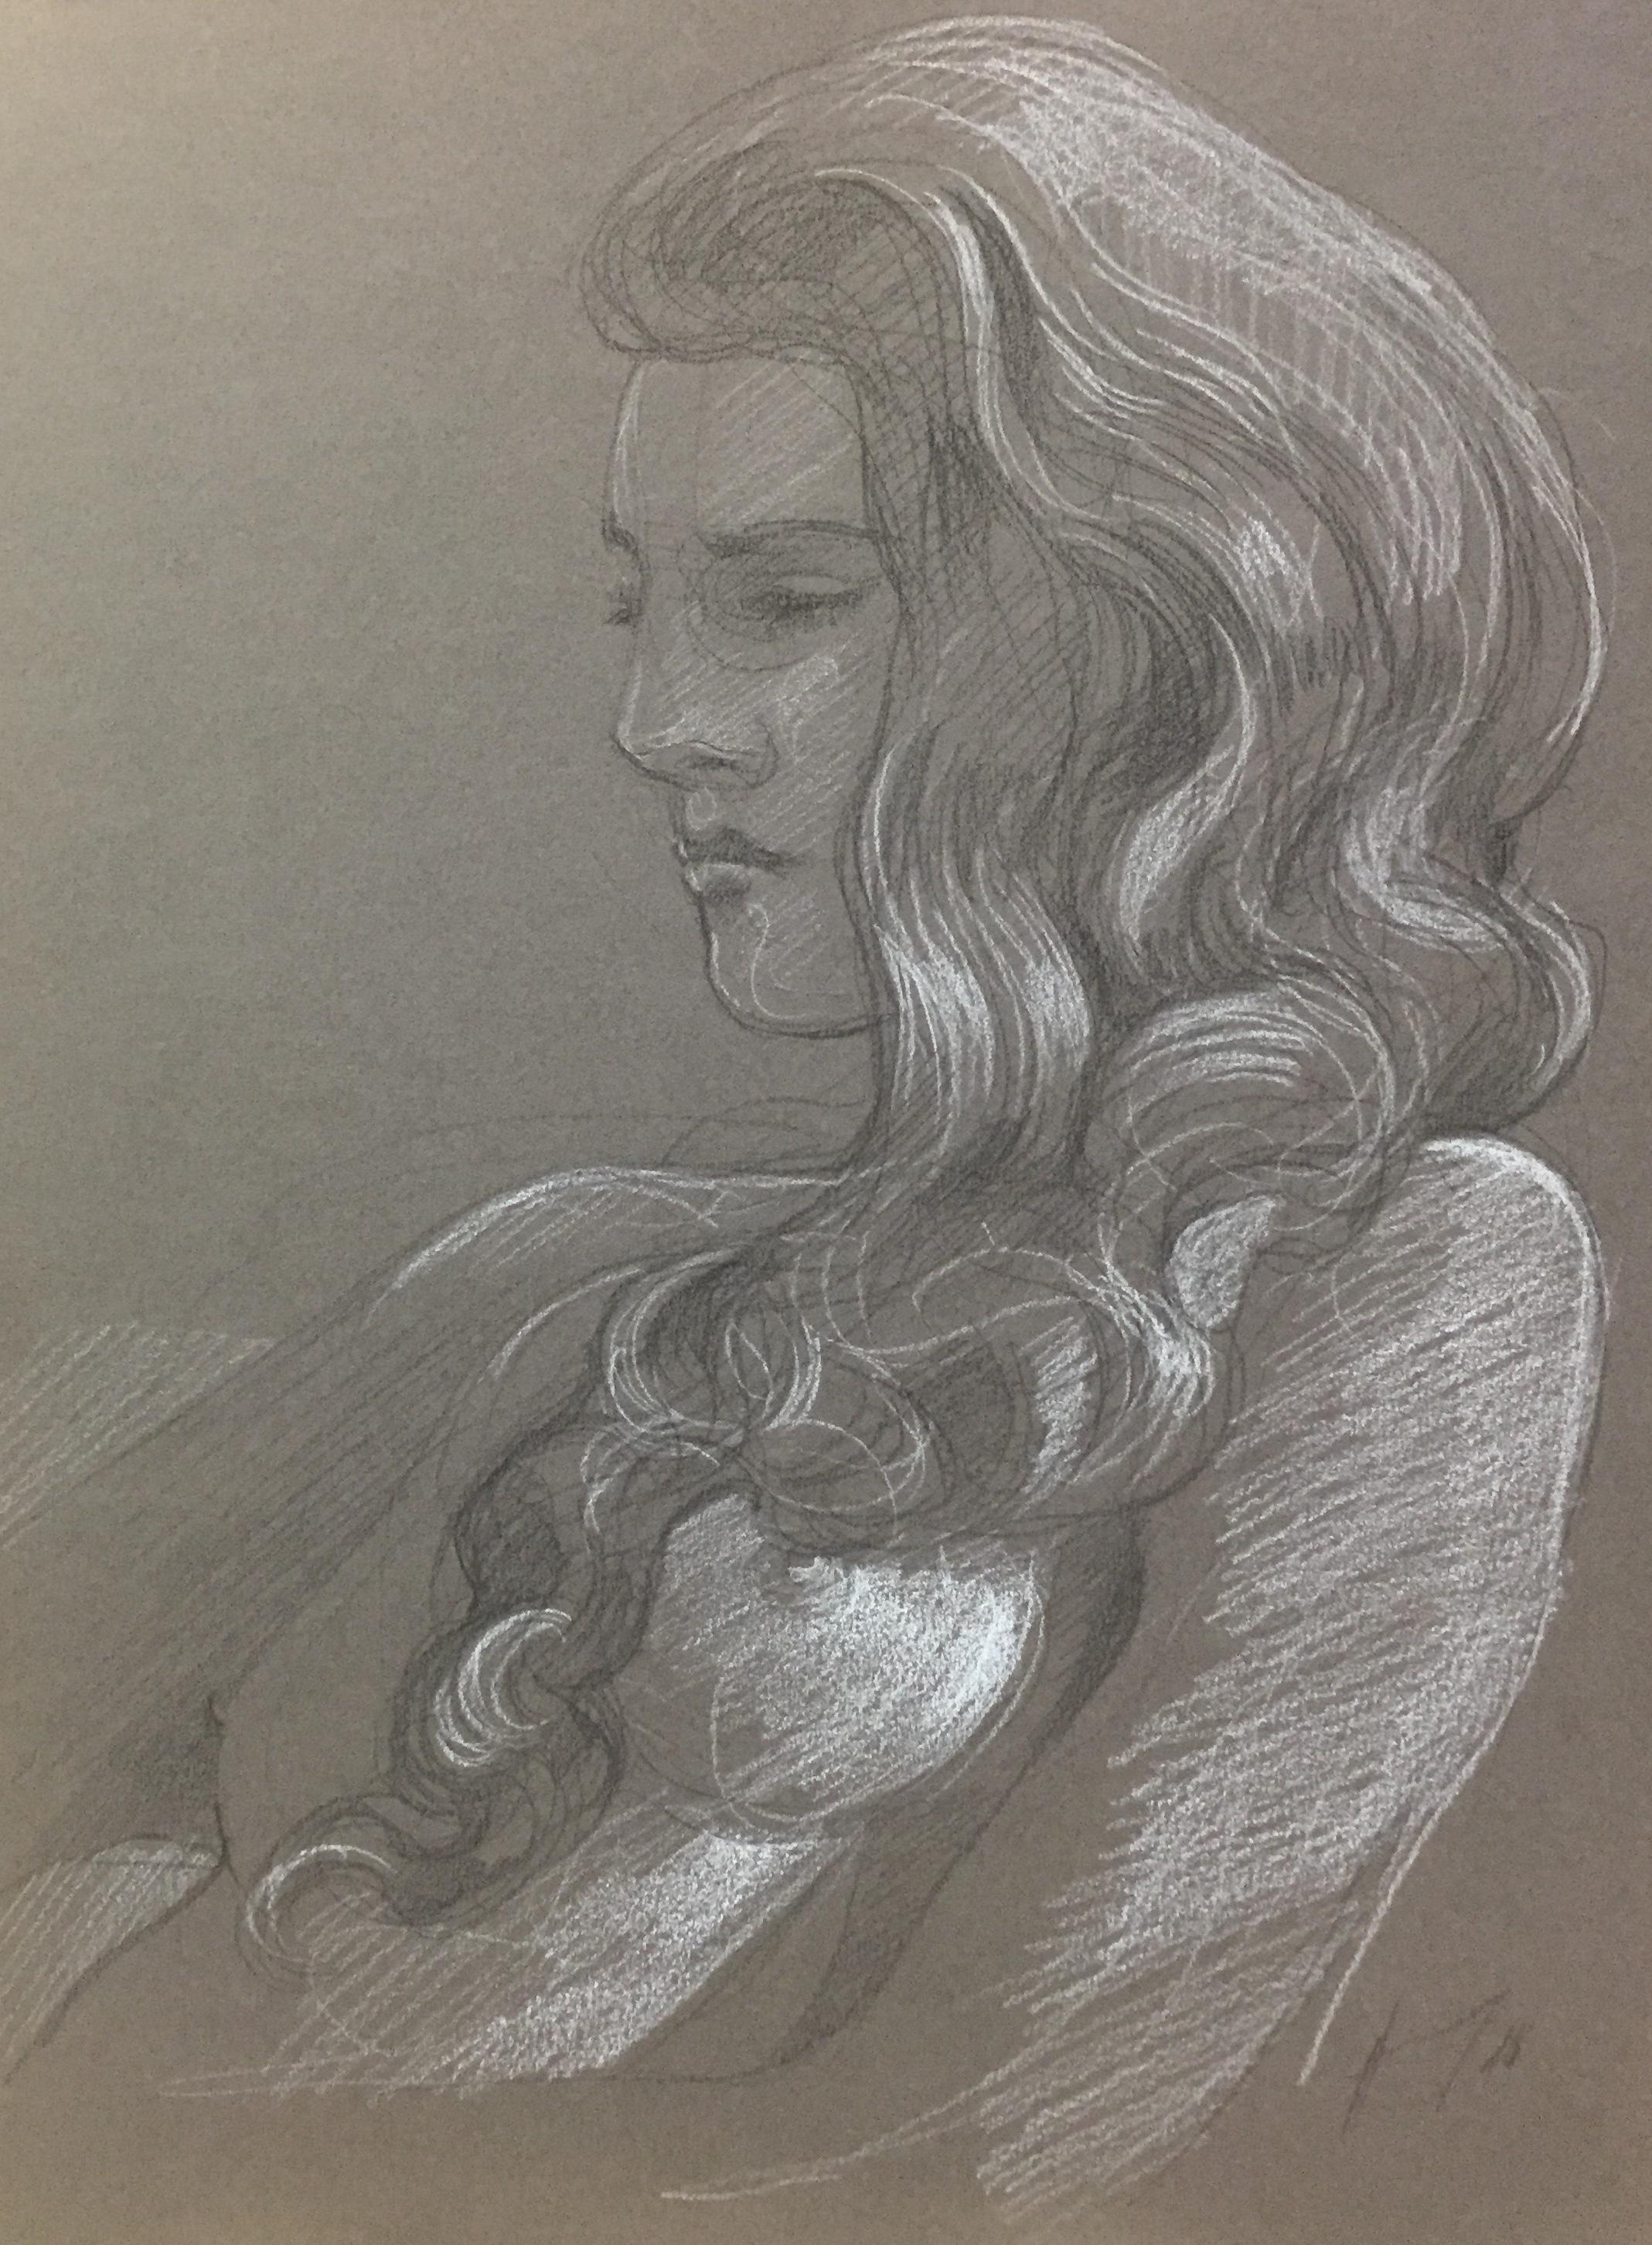 Modèle vivant 114 : pierre noire et crayon blanc